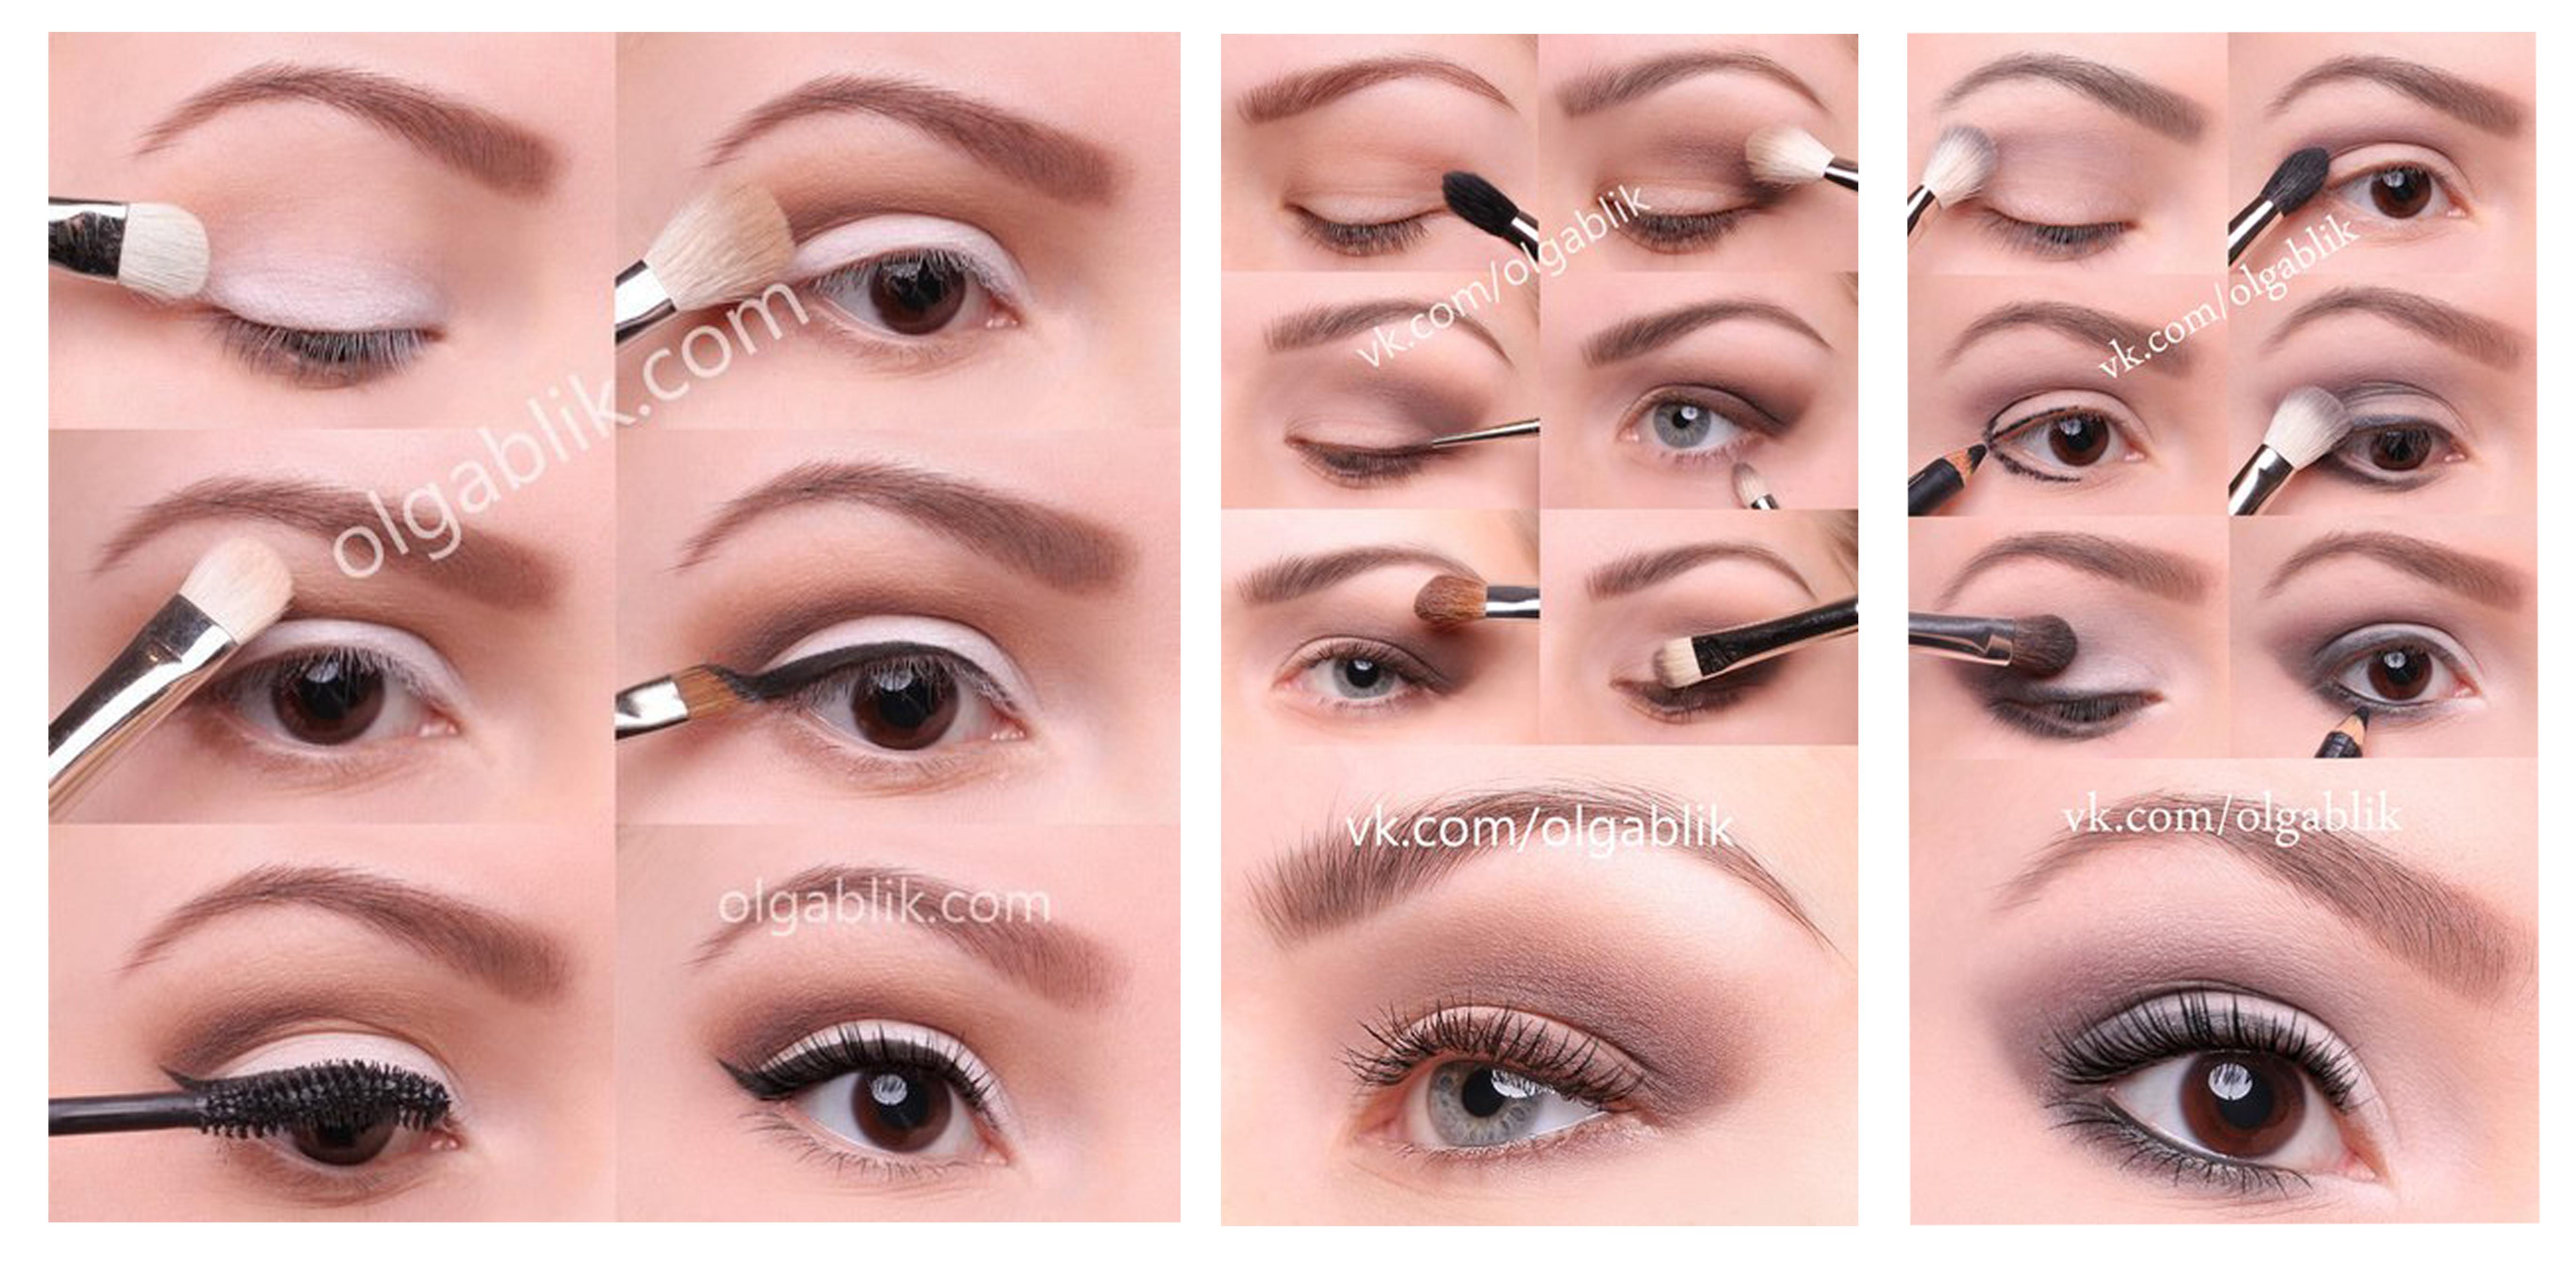 Как сделать самой макияж глаз фото